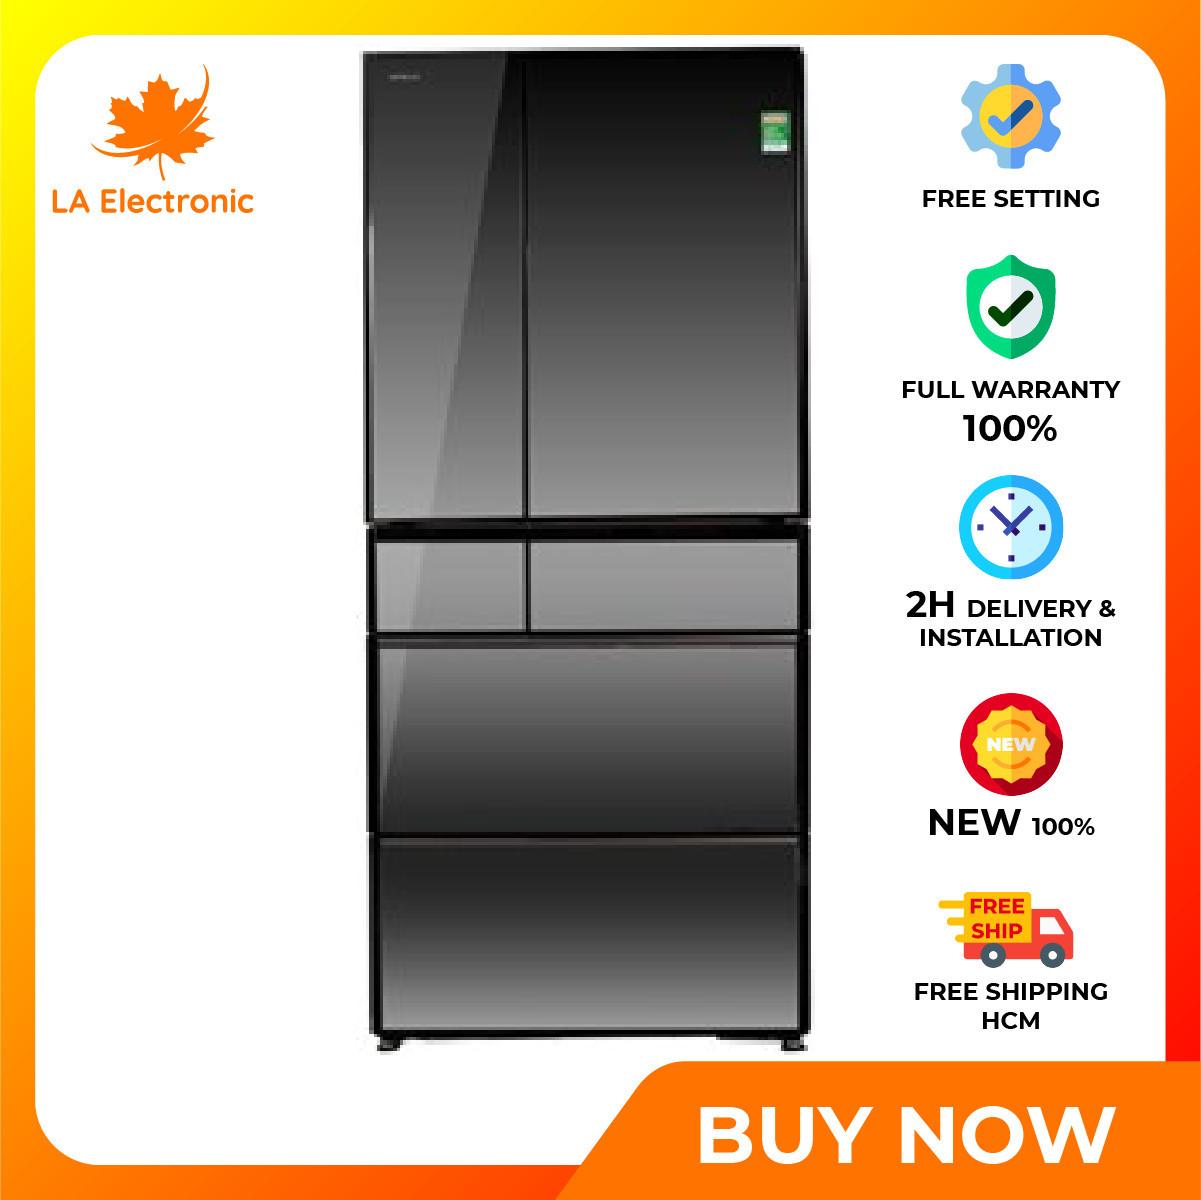 Trả Góp 0% - Tủ Lạnh Hitachi Inverter 722 lít R-X670GV (X) - Bảo hành 12 tháng - Miễn phí vận chuyển HCM